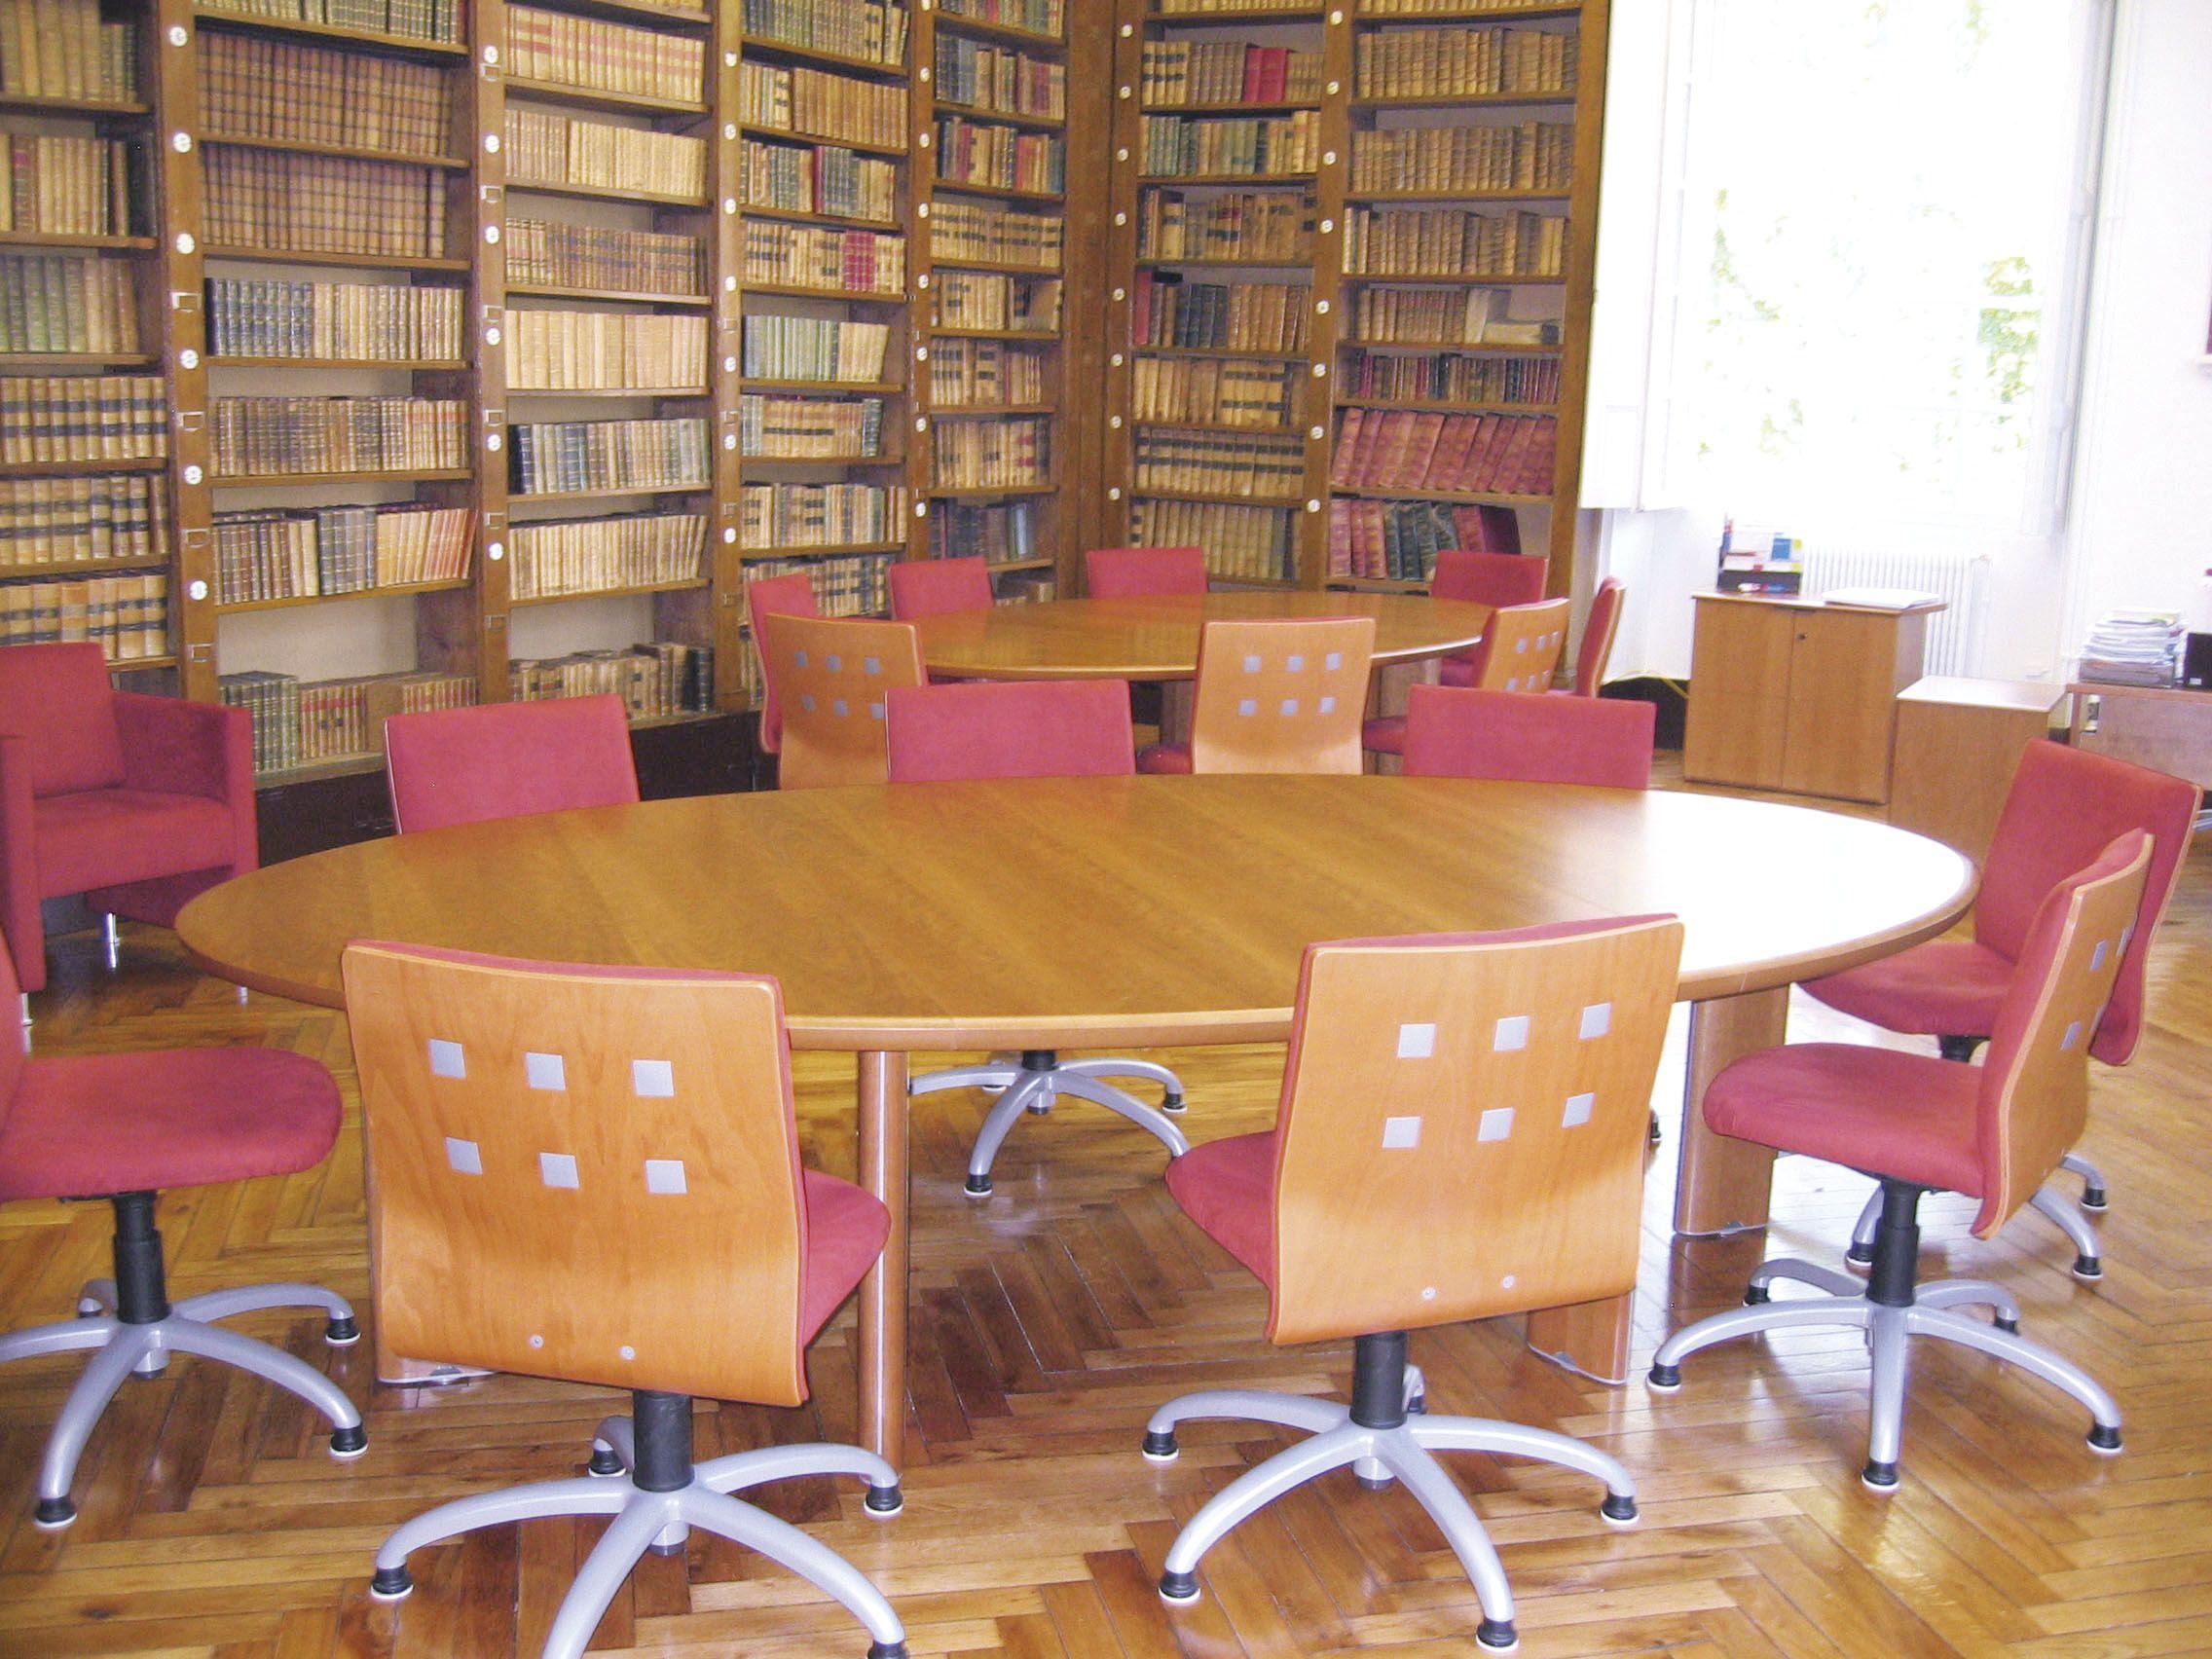 Table De Reunion Elliptique Merisier 8 Personnes Et Chaises 5 Branches Mobilier Bureau Mobilier De Salon Meuble Bureau